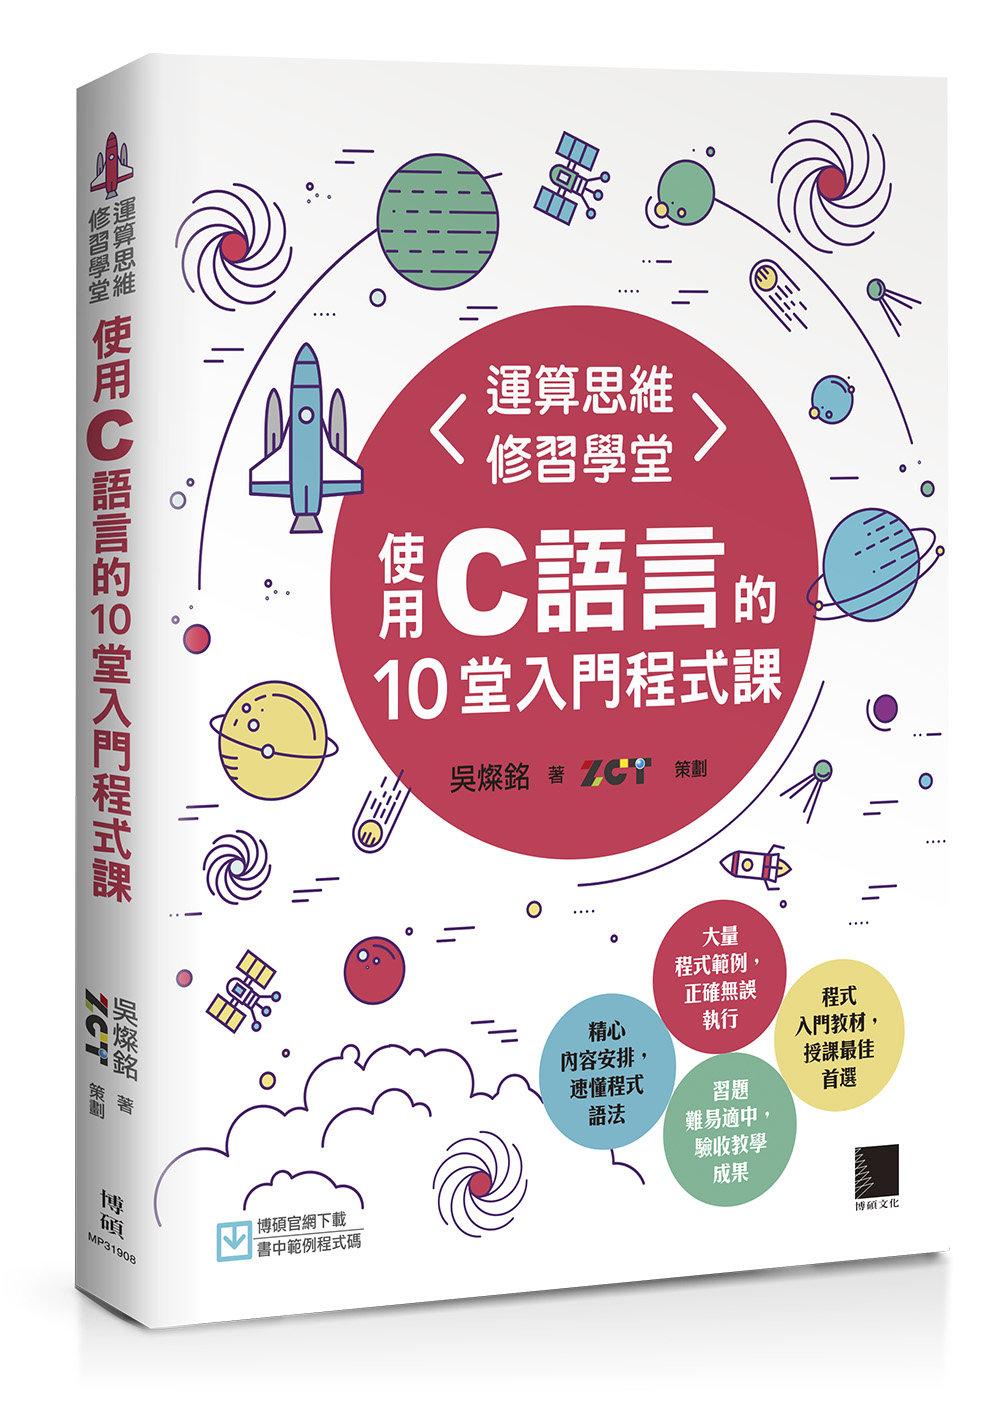 運算思維修習學堂:使用 C語言的 10堂入門程式課-preview-17